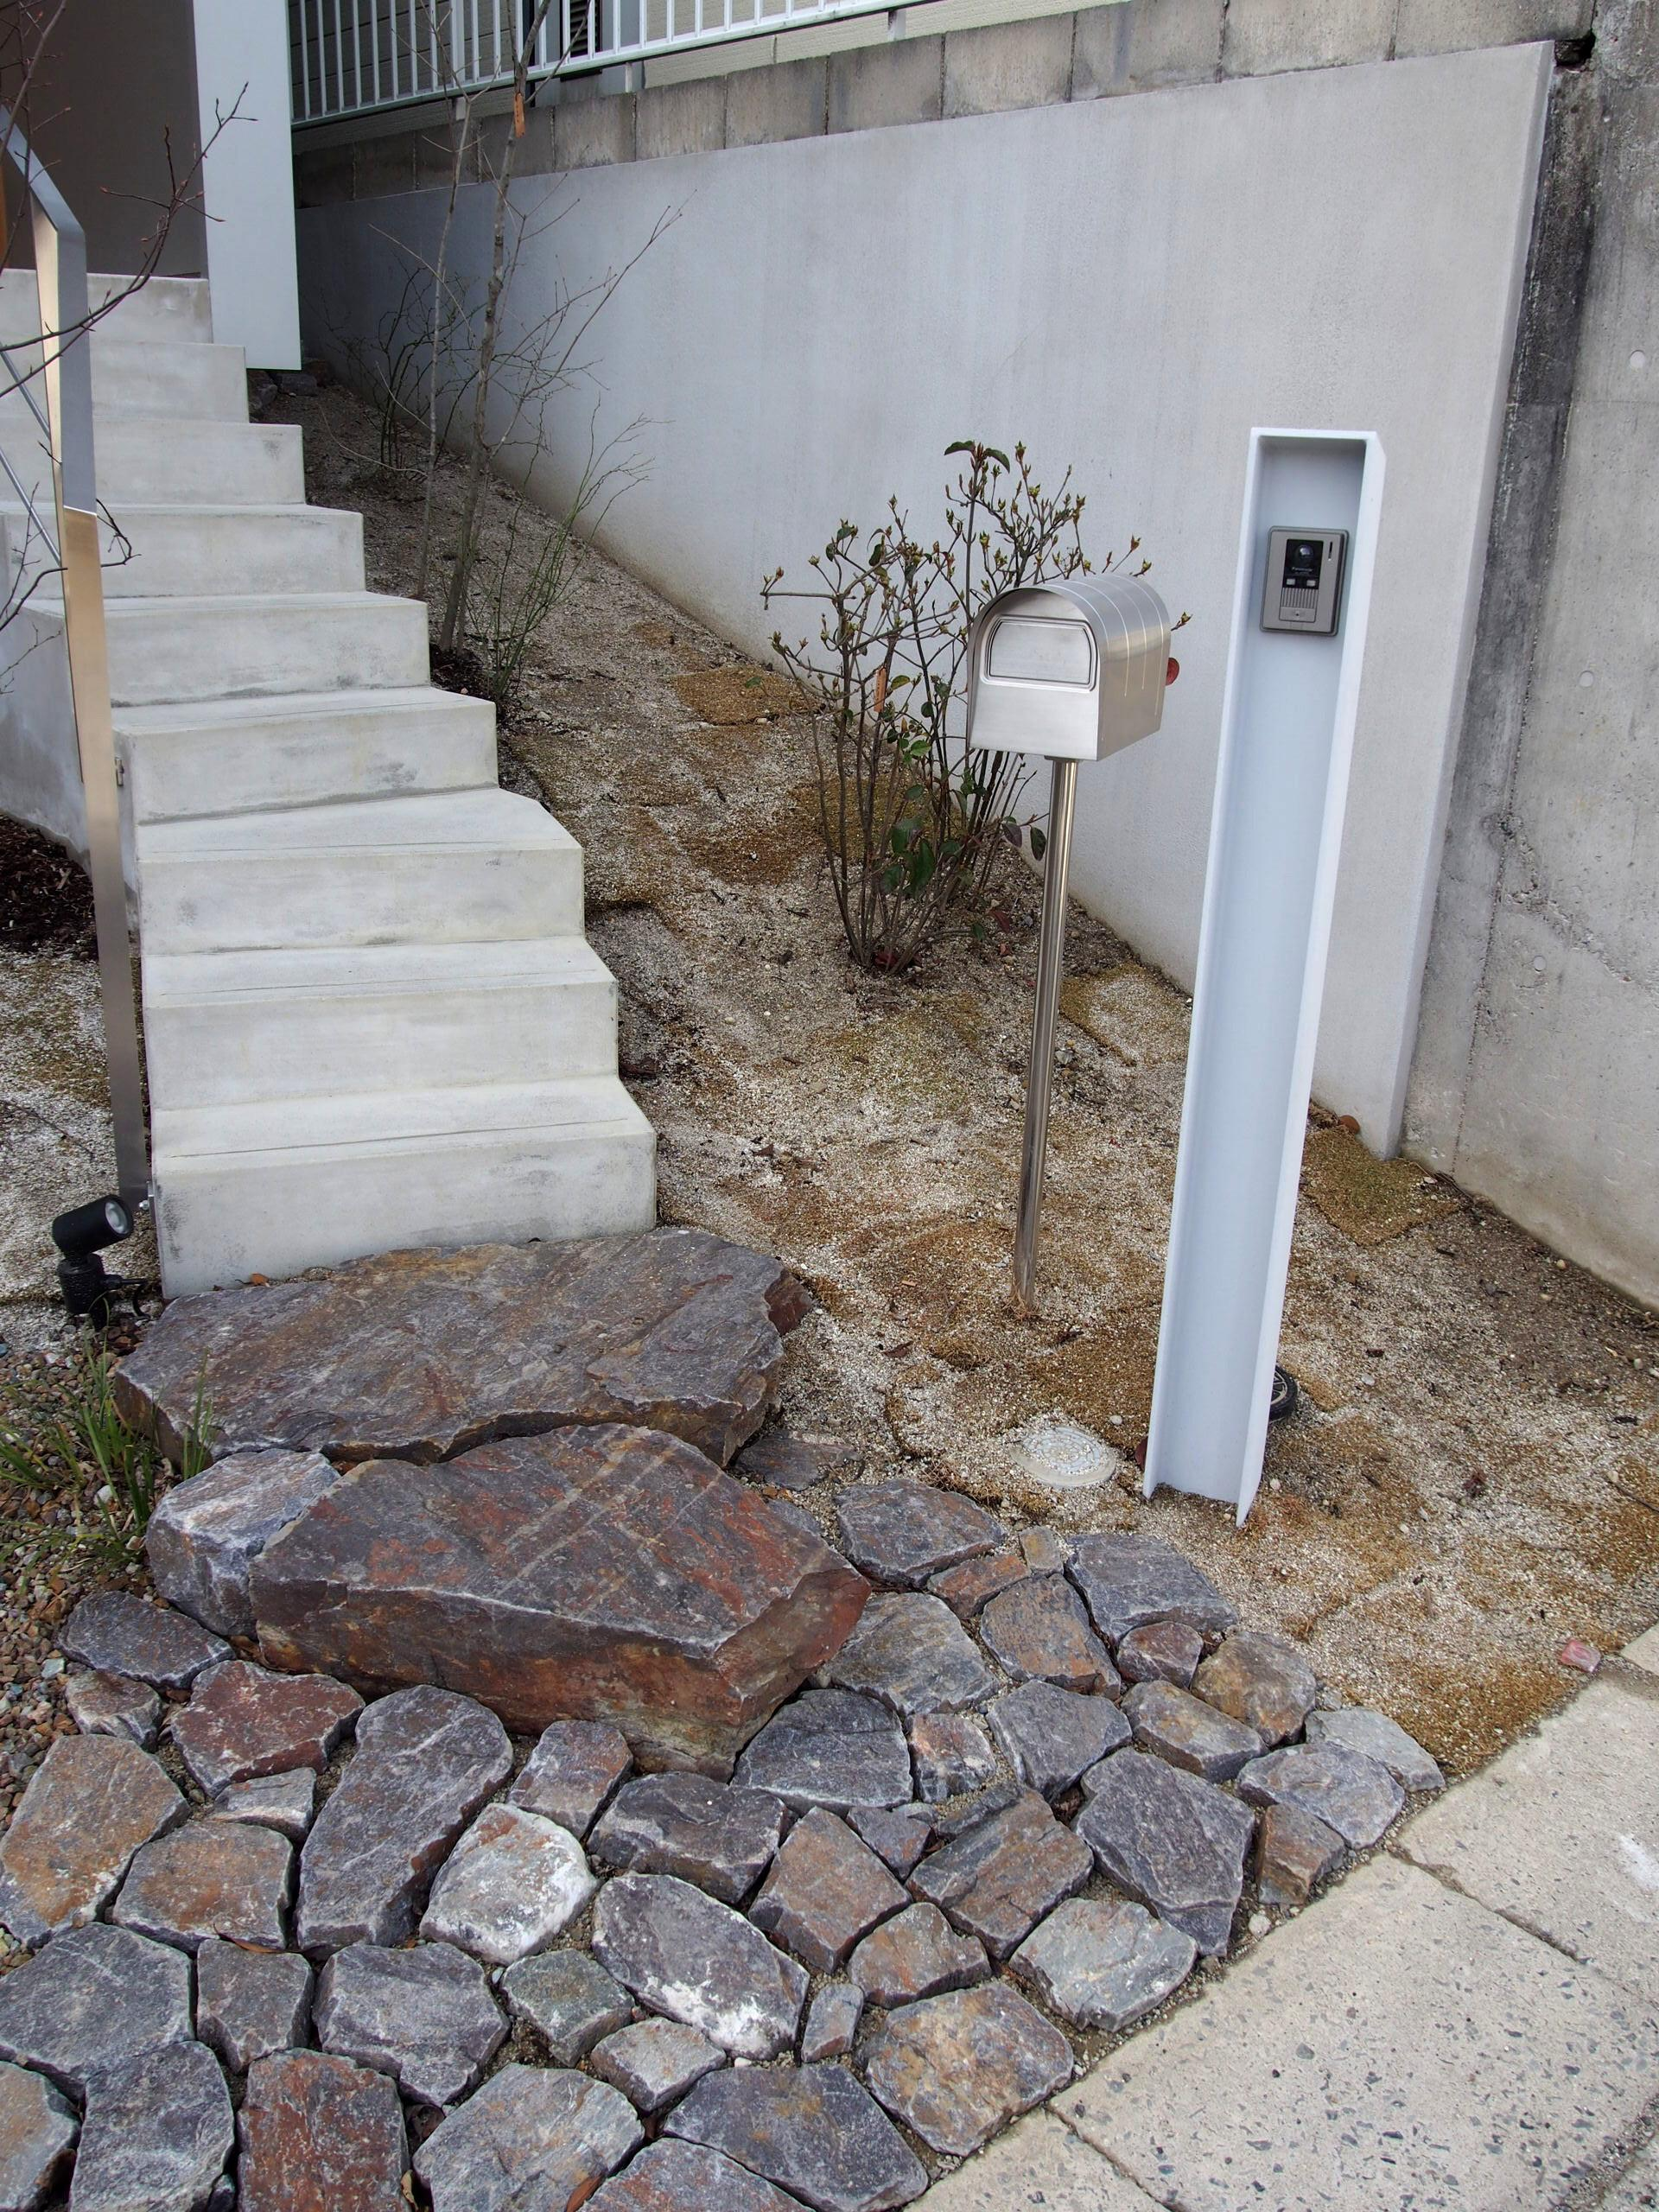 桜作の家の部屋 石畳とアプローチ階段